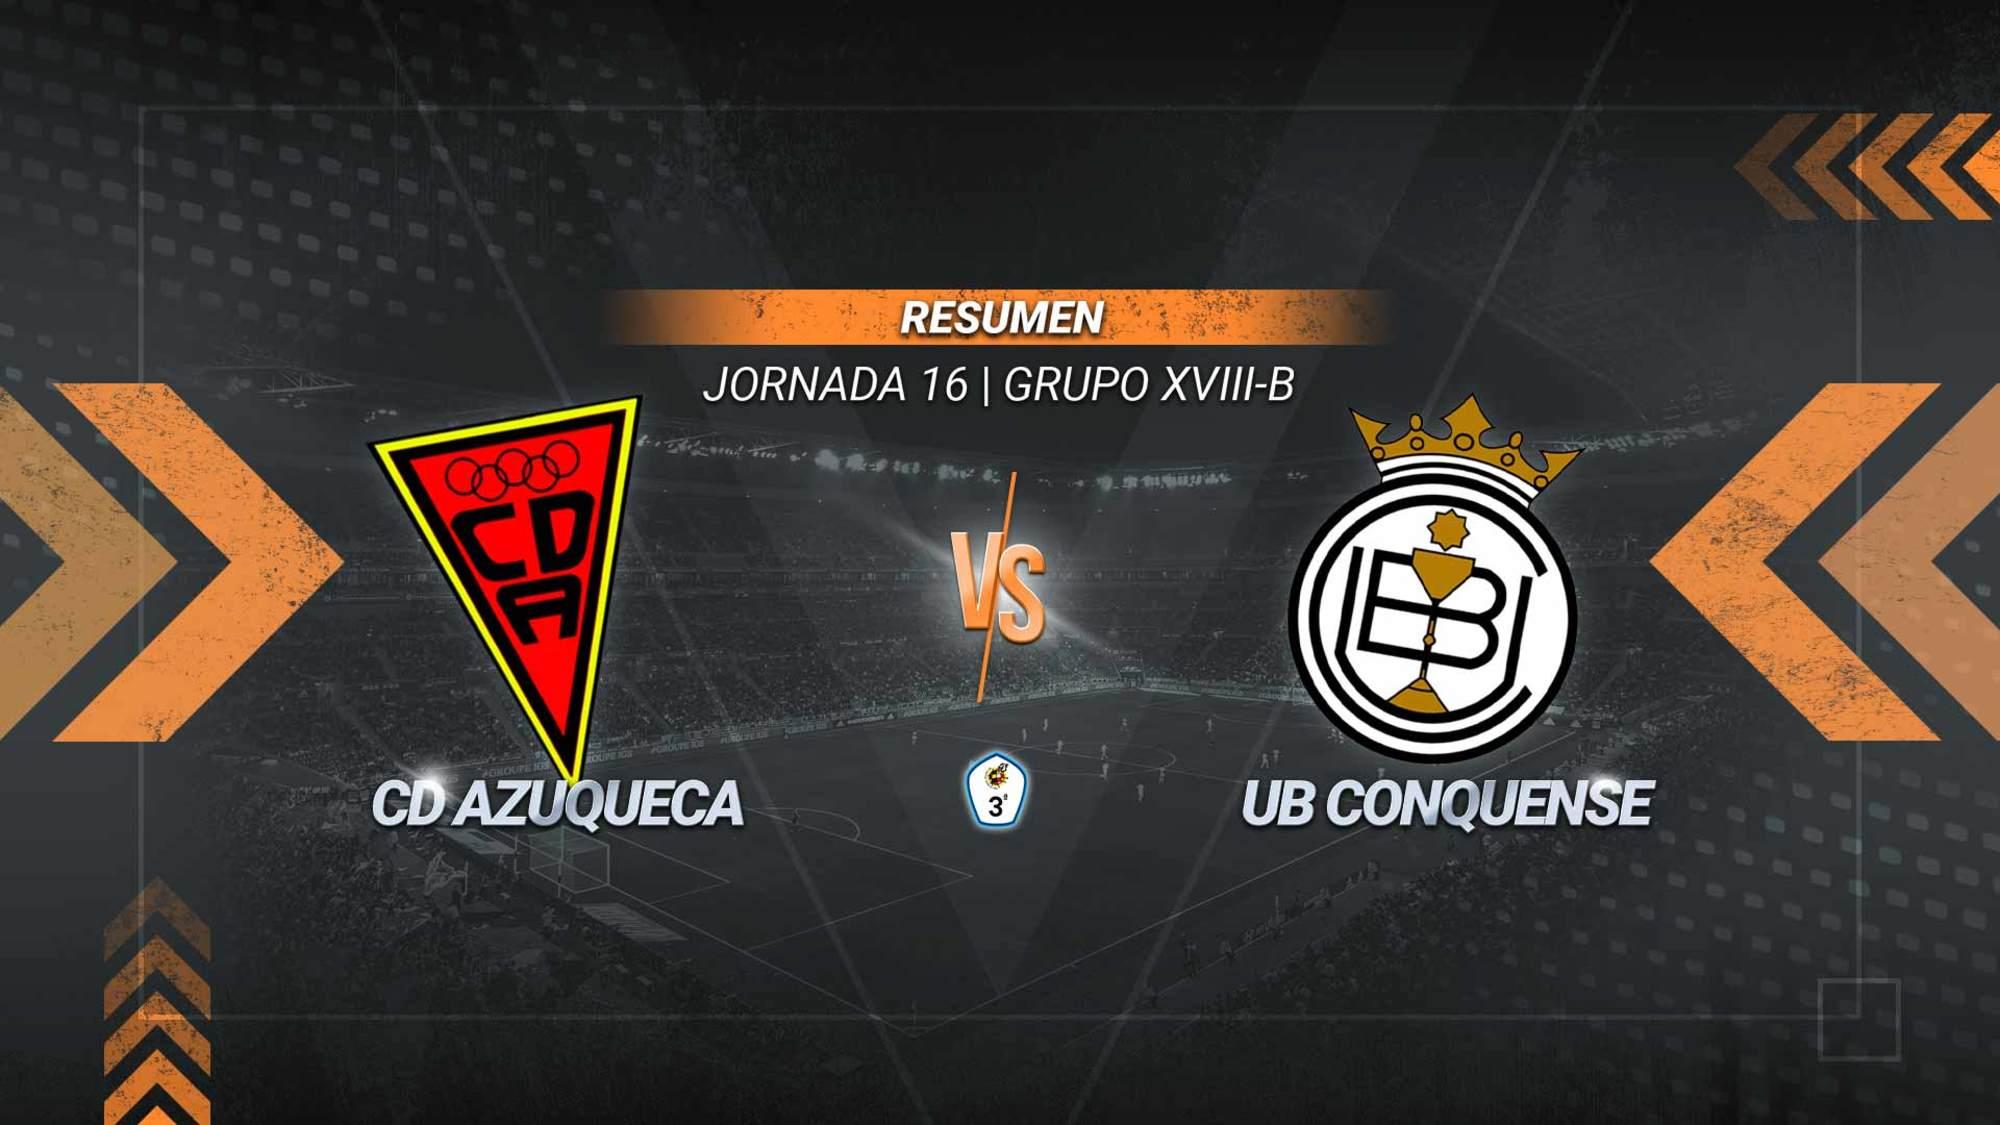 Diego Abad resuelve el partido en el San Miguel con un doblete que deja al Azuqueca como quinto clasificado. El Conquense rompe su buena dinámica después de dos triunfos consecutivos.